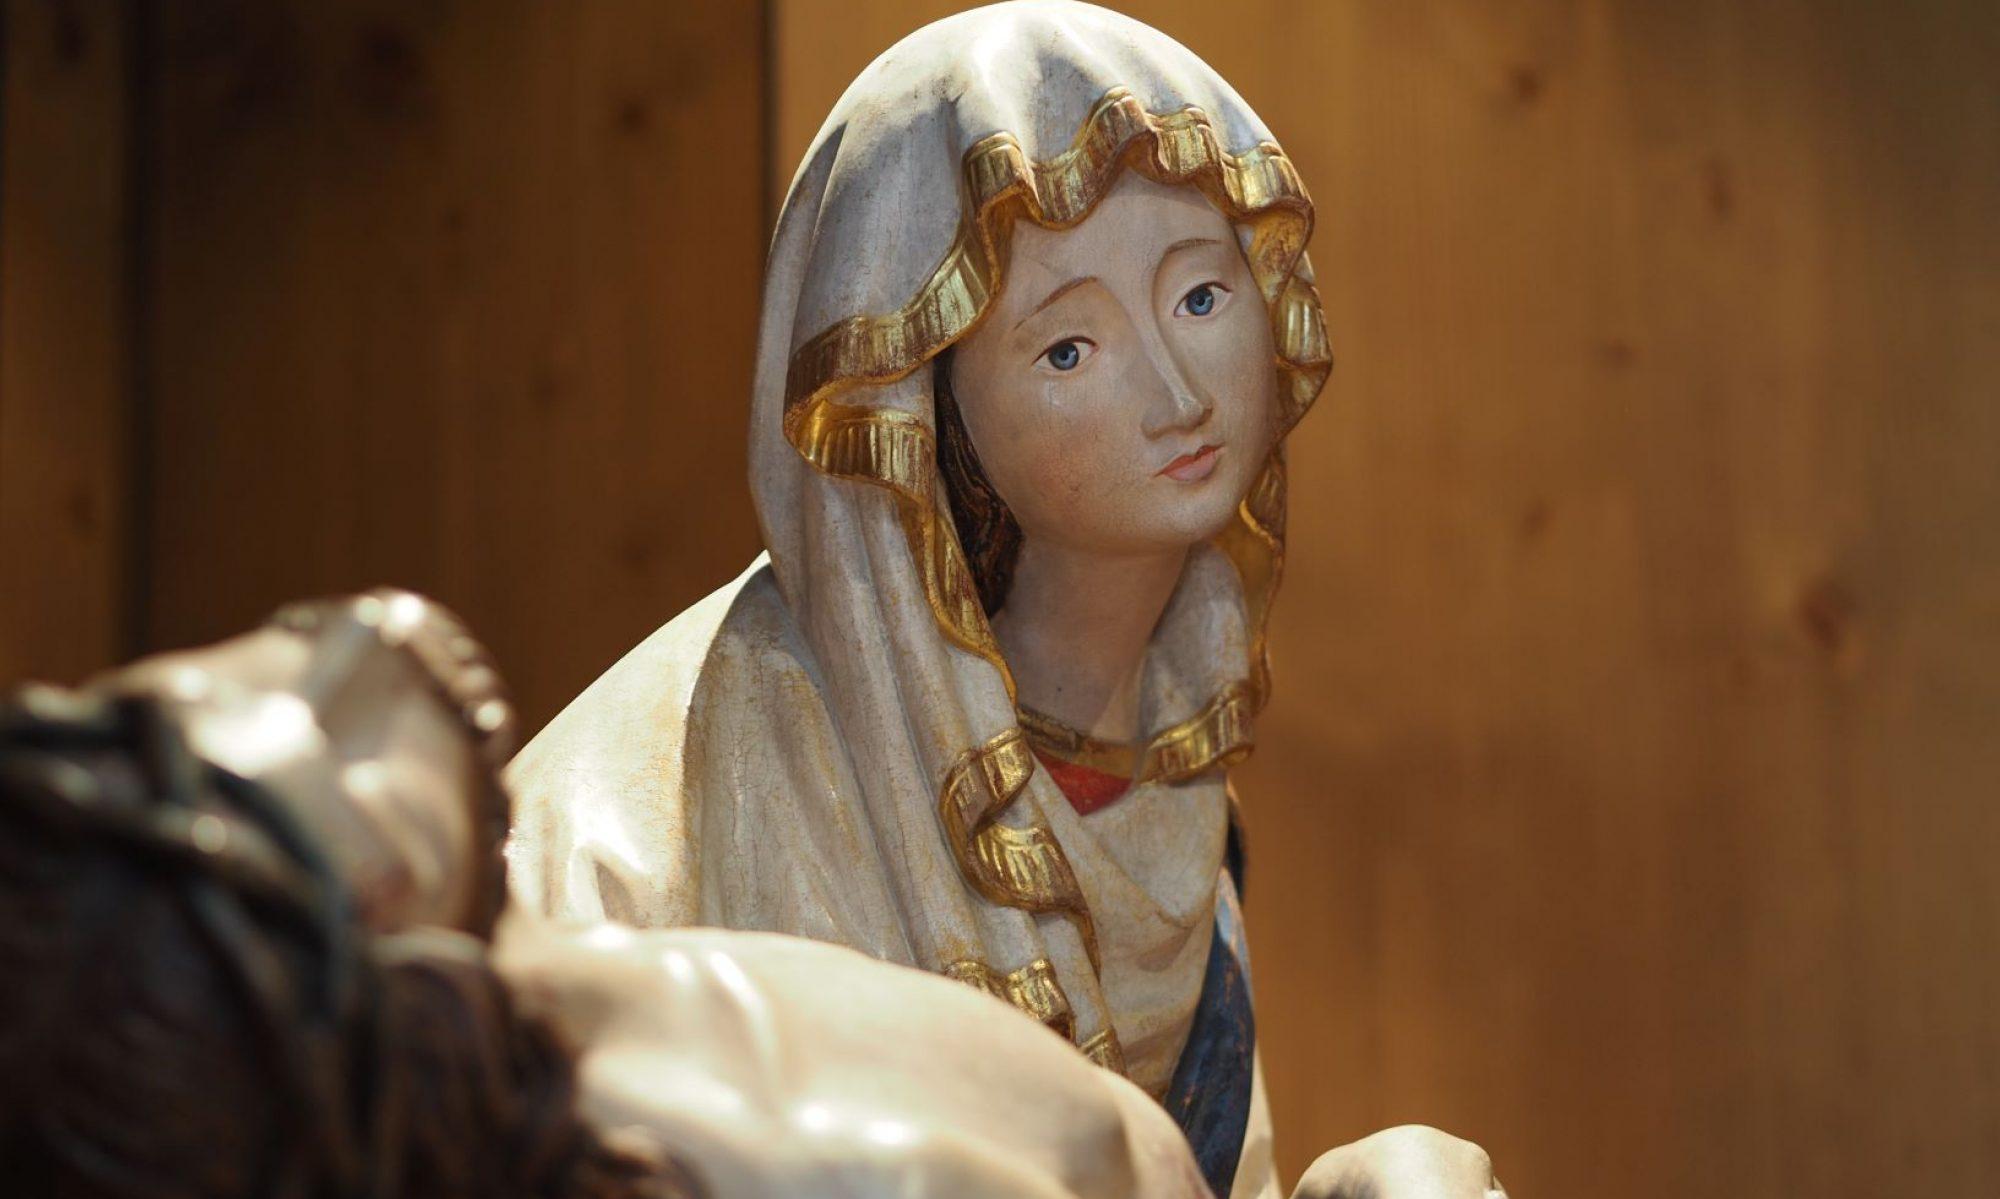 Pfarrei Brixen St. Michael Parrocchia San Michele Bressanone